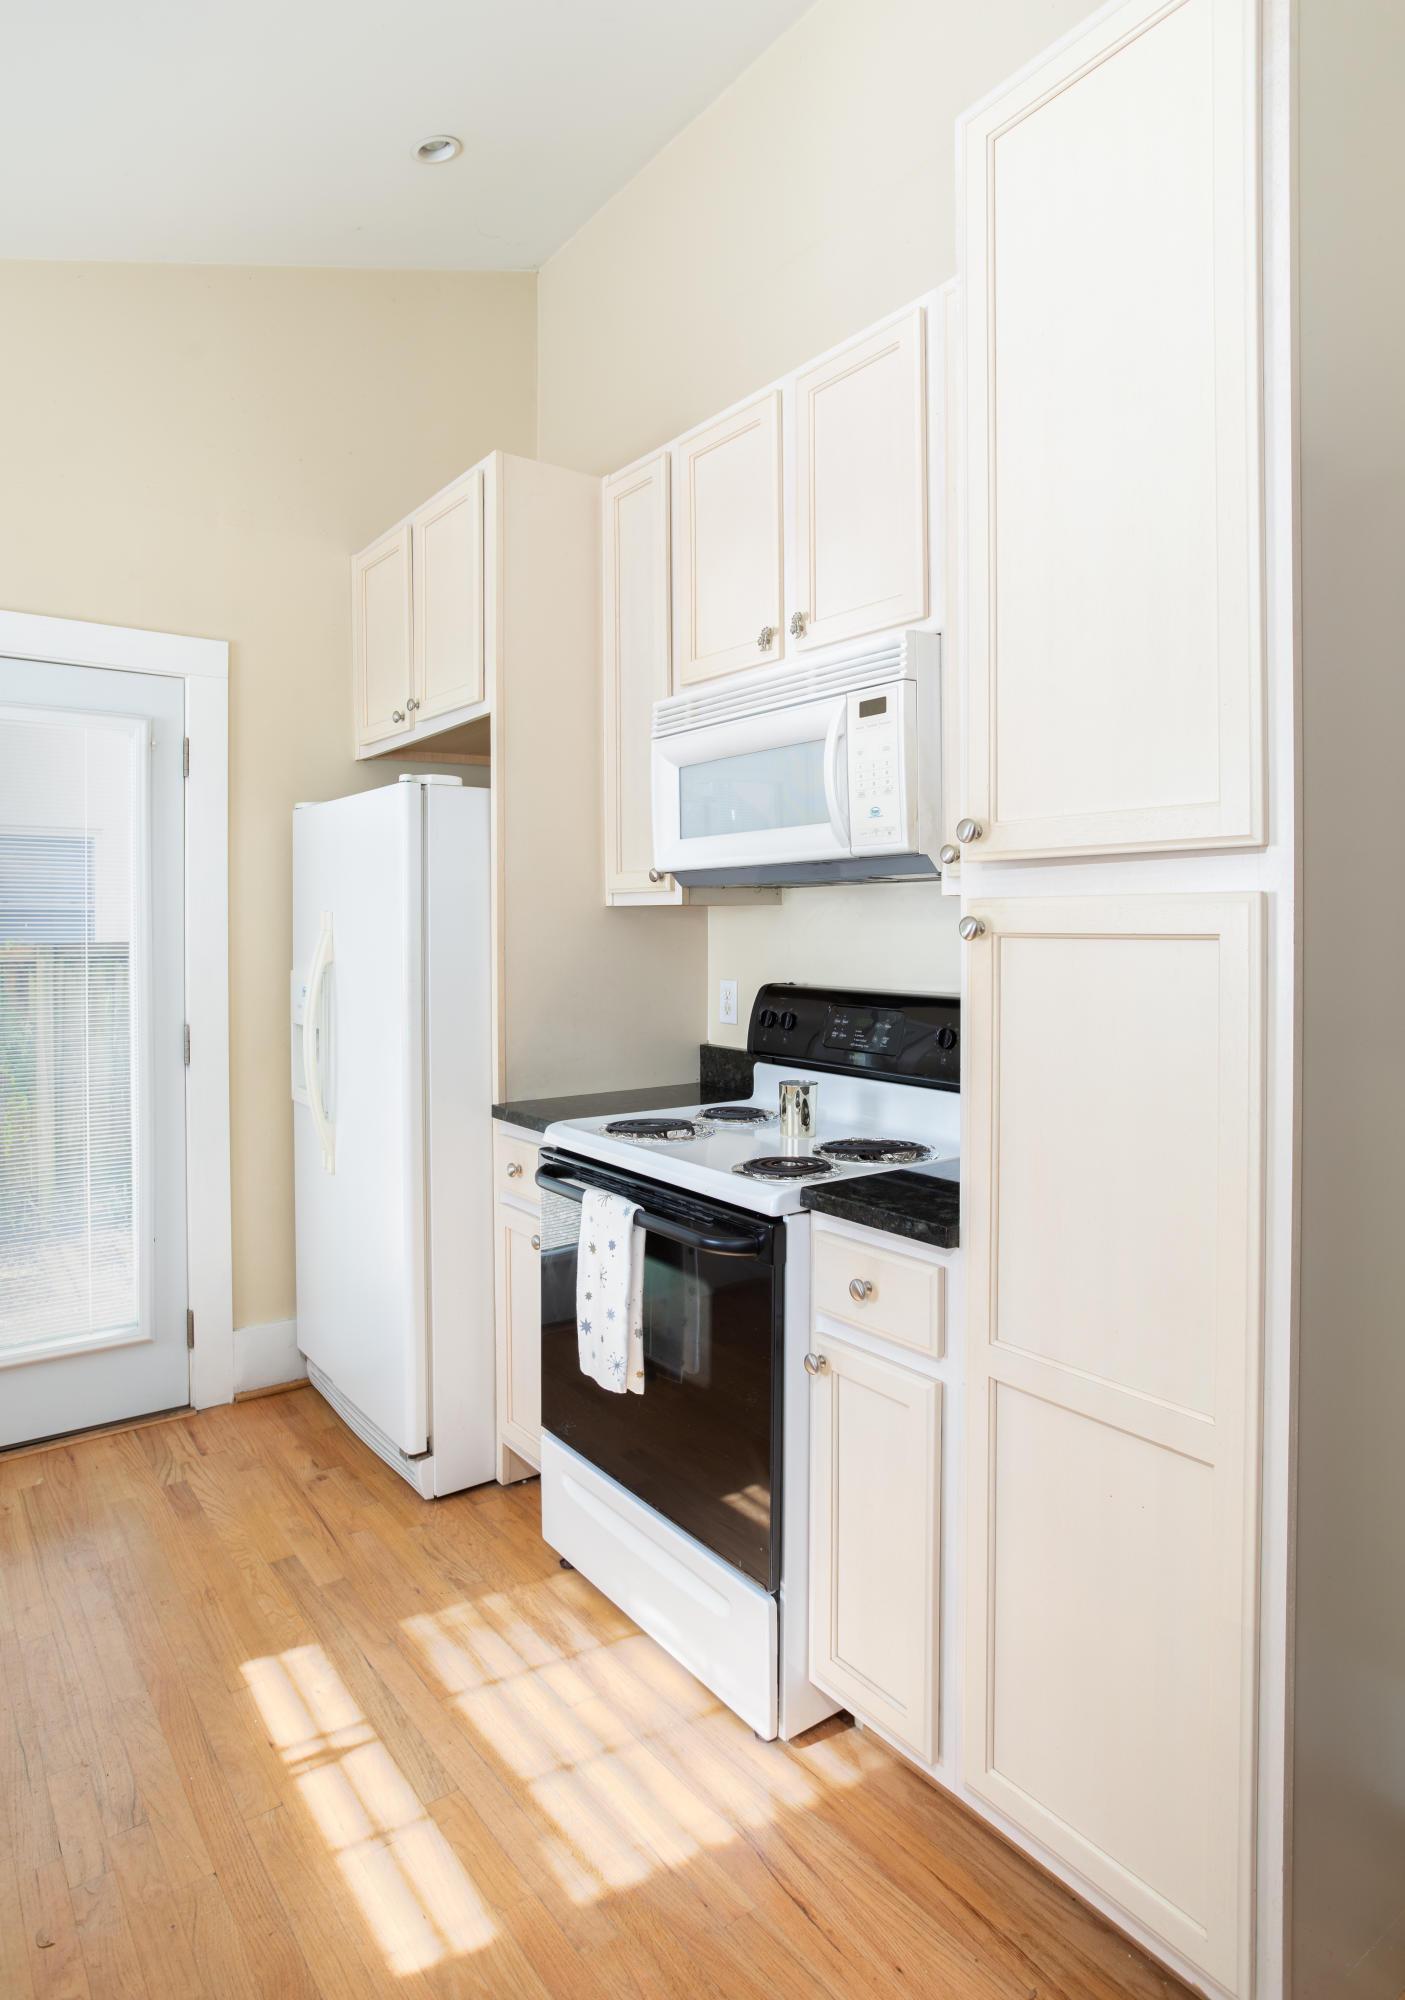 Mt Pleasant Hgts Homes For Sale - 712 Atlantic, Mount Pleasant, SC - 8